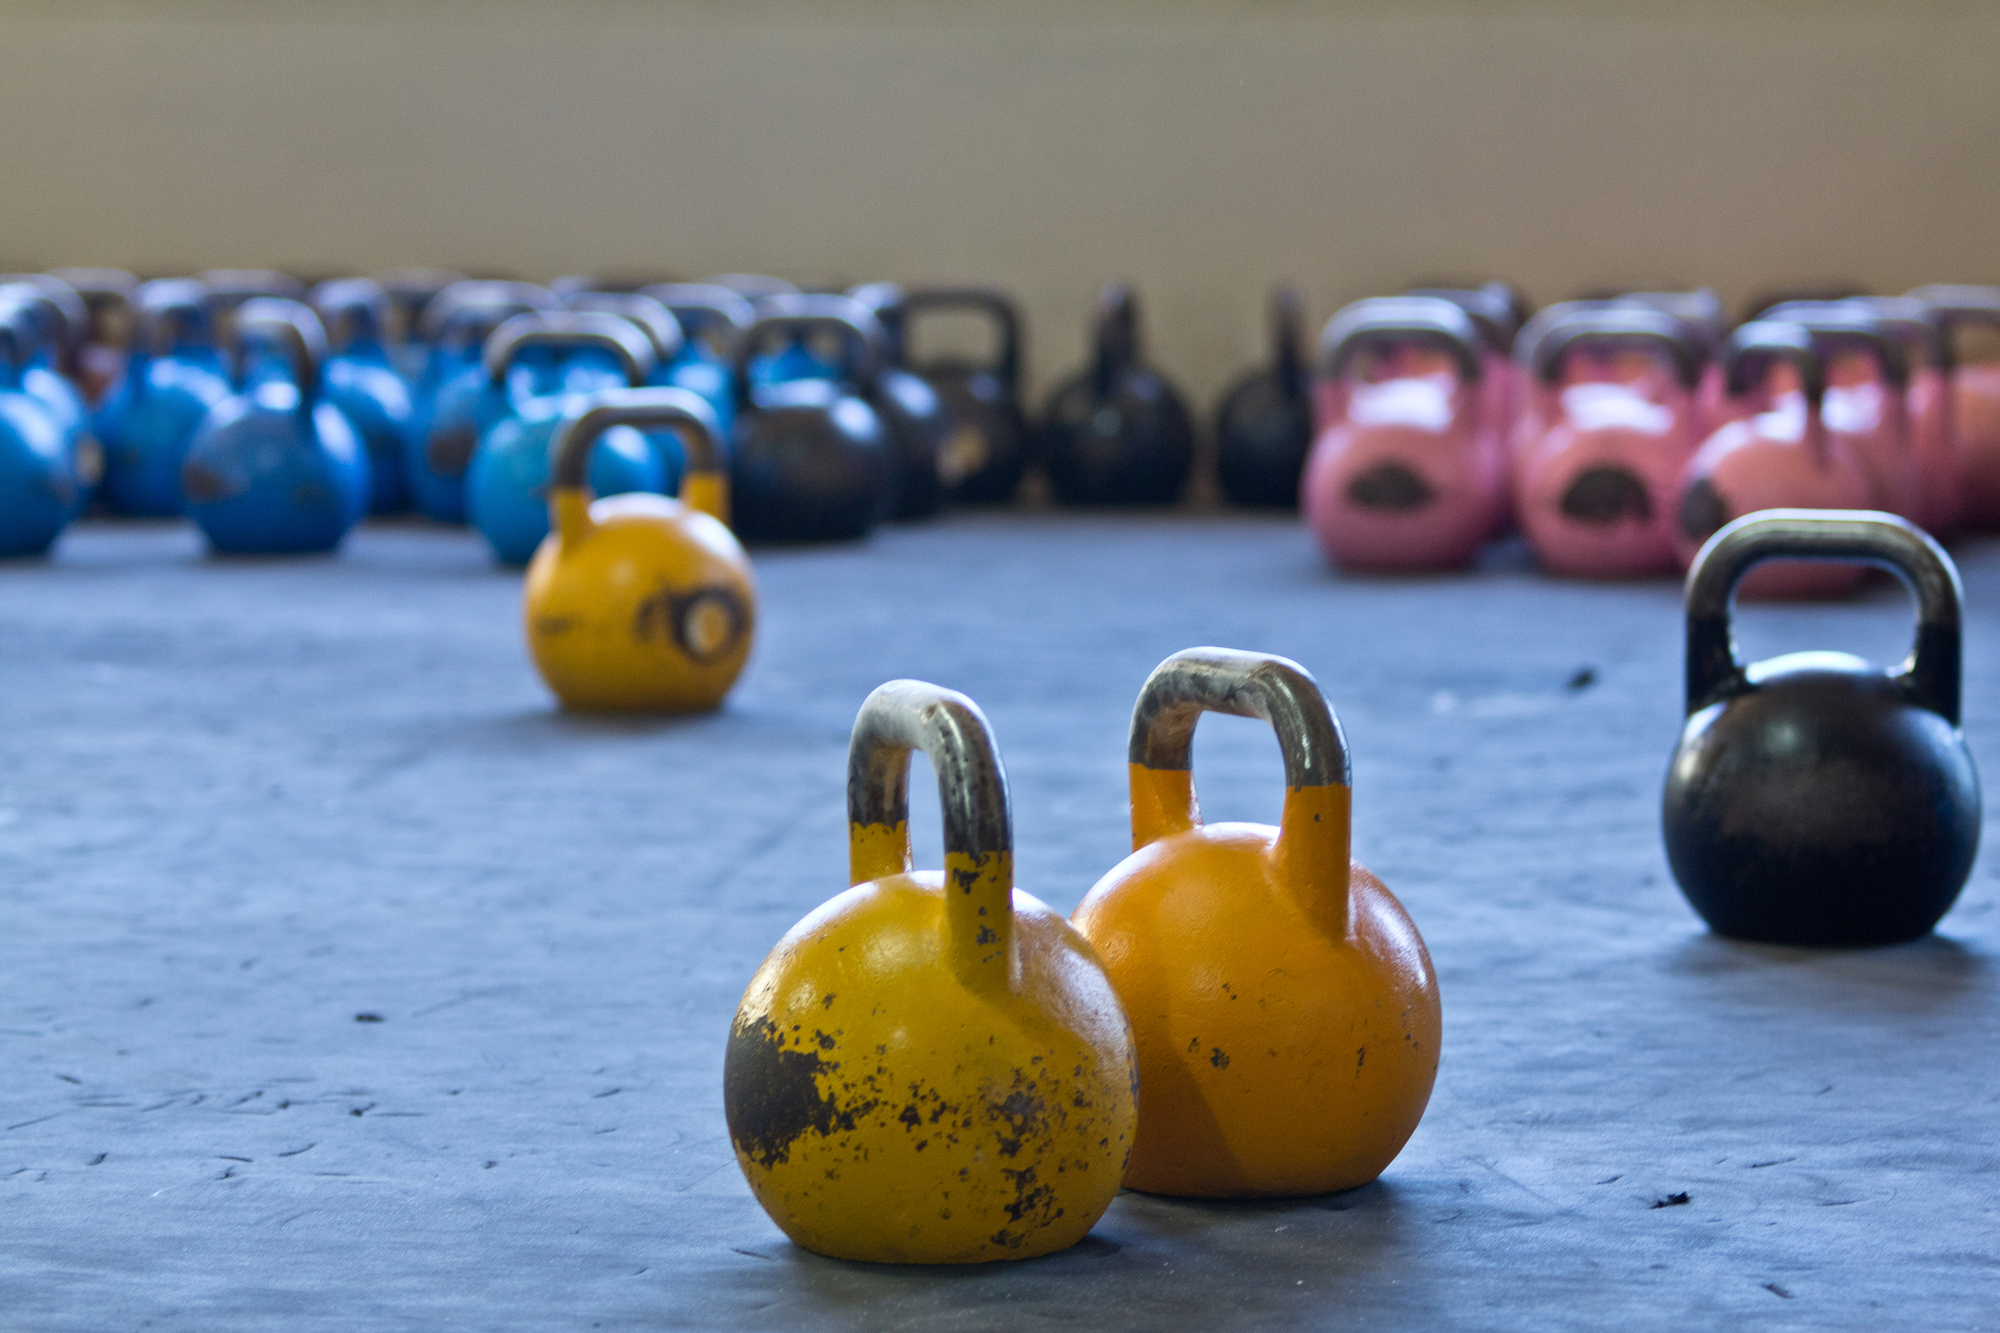 Du kan træne derhjemme med træningsmaskiner